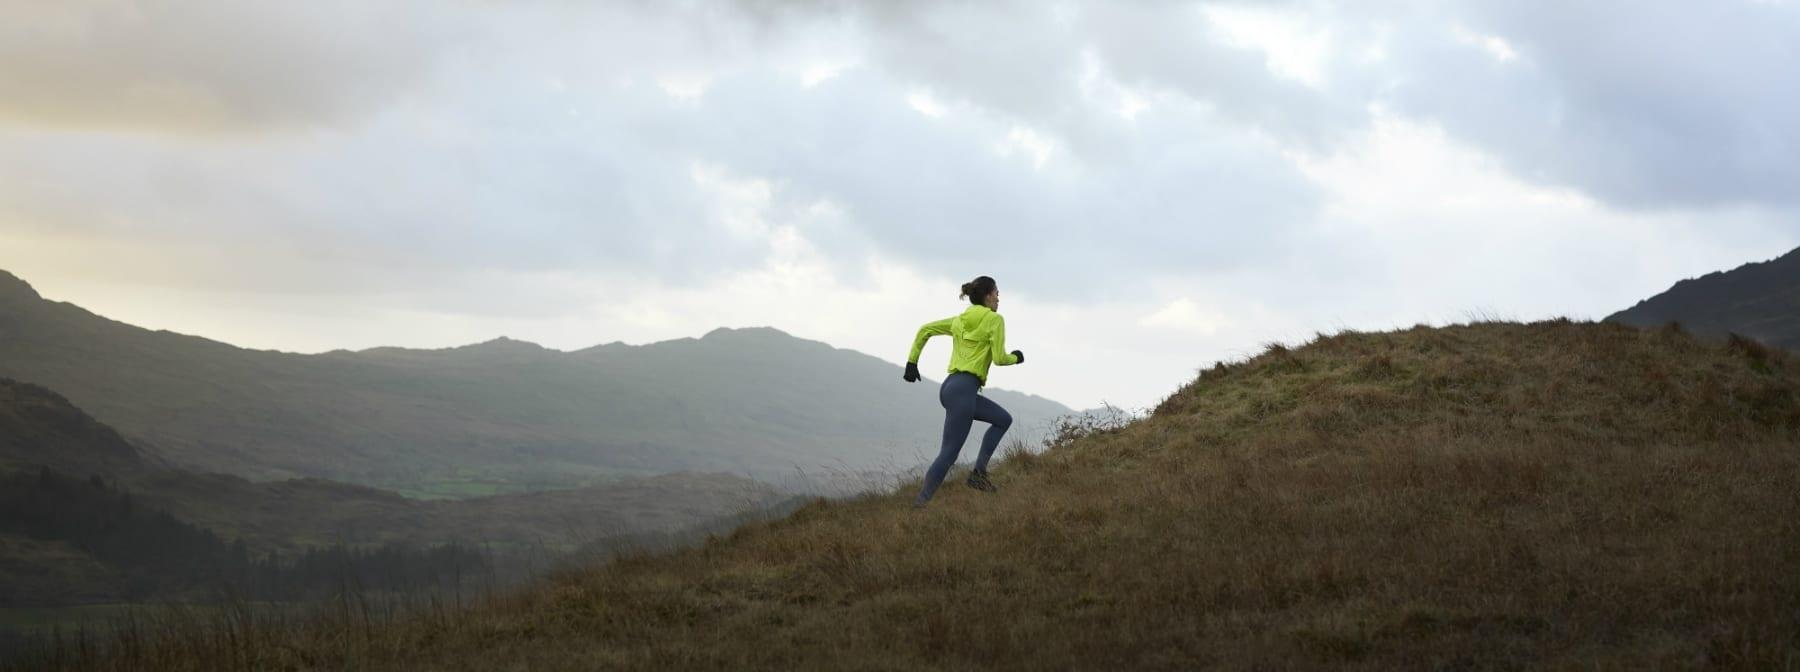 Correre Dopo Mangiato | Fa Bene? Le Dritte Da Seguire